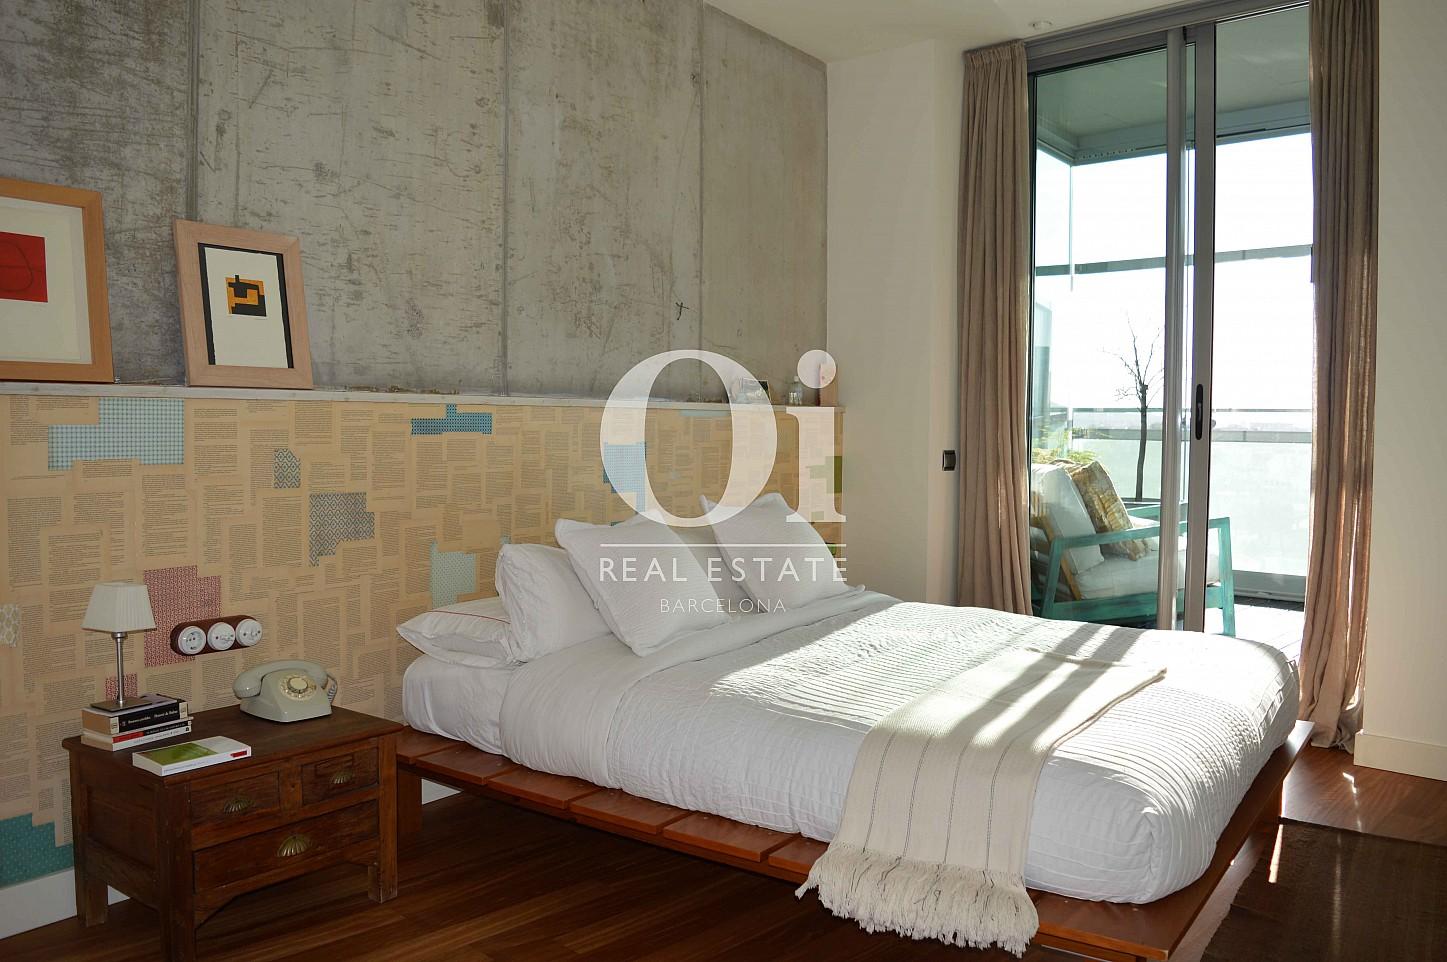 Blick in ein Schlafzimmer vom Apartment zum Verkauf, dirket am Meer